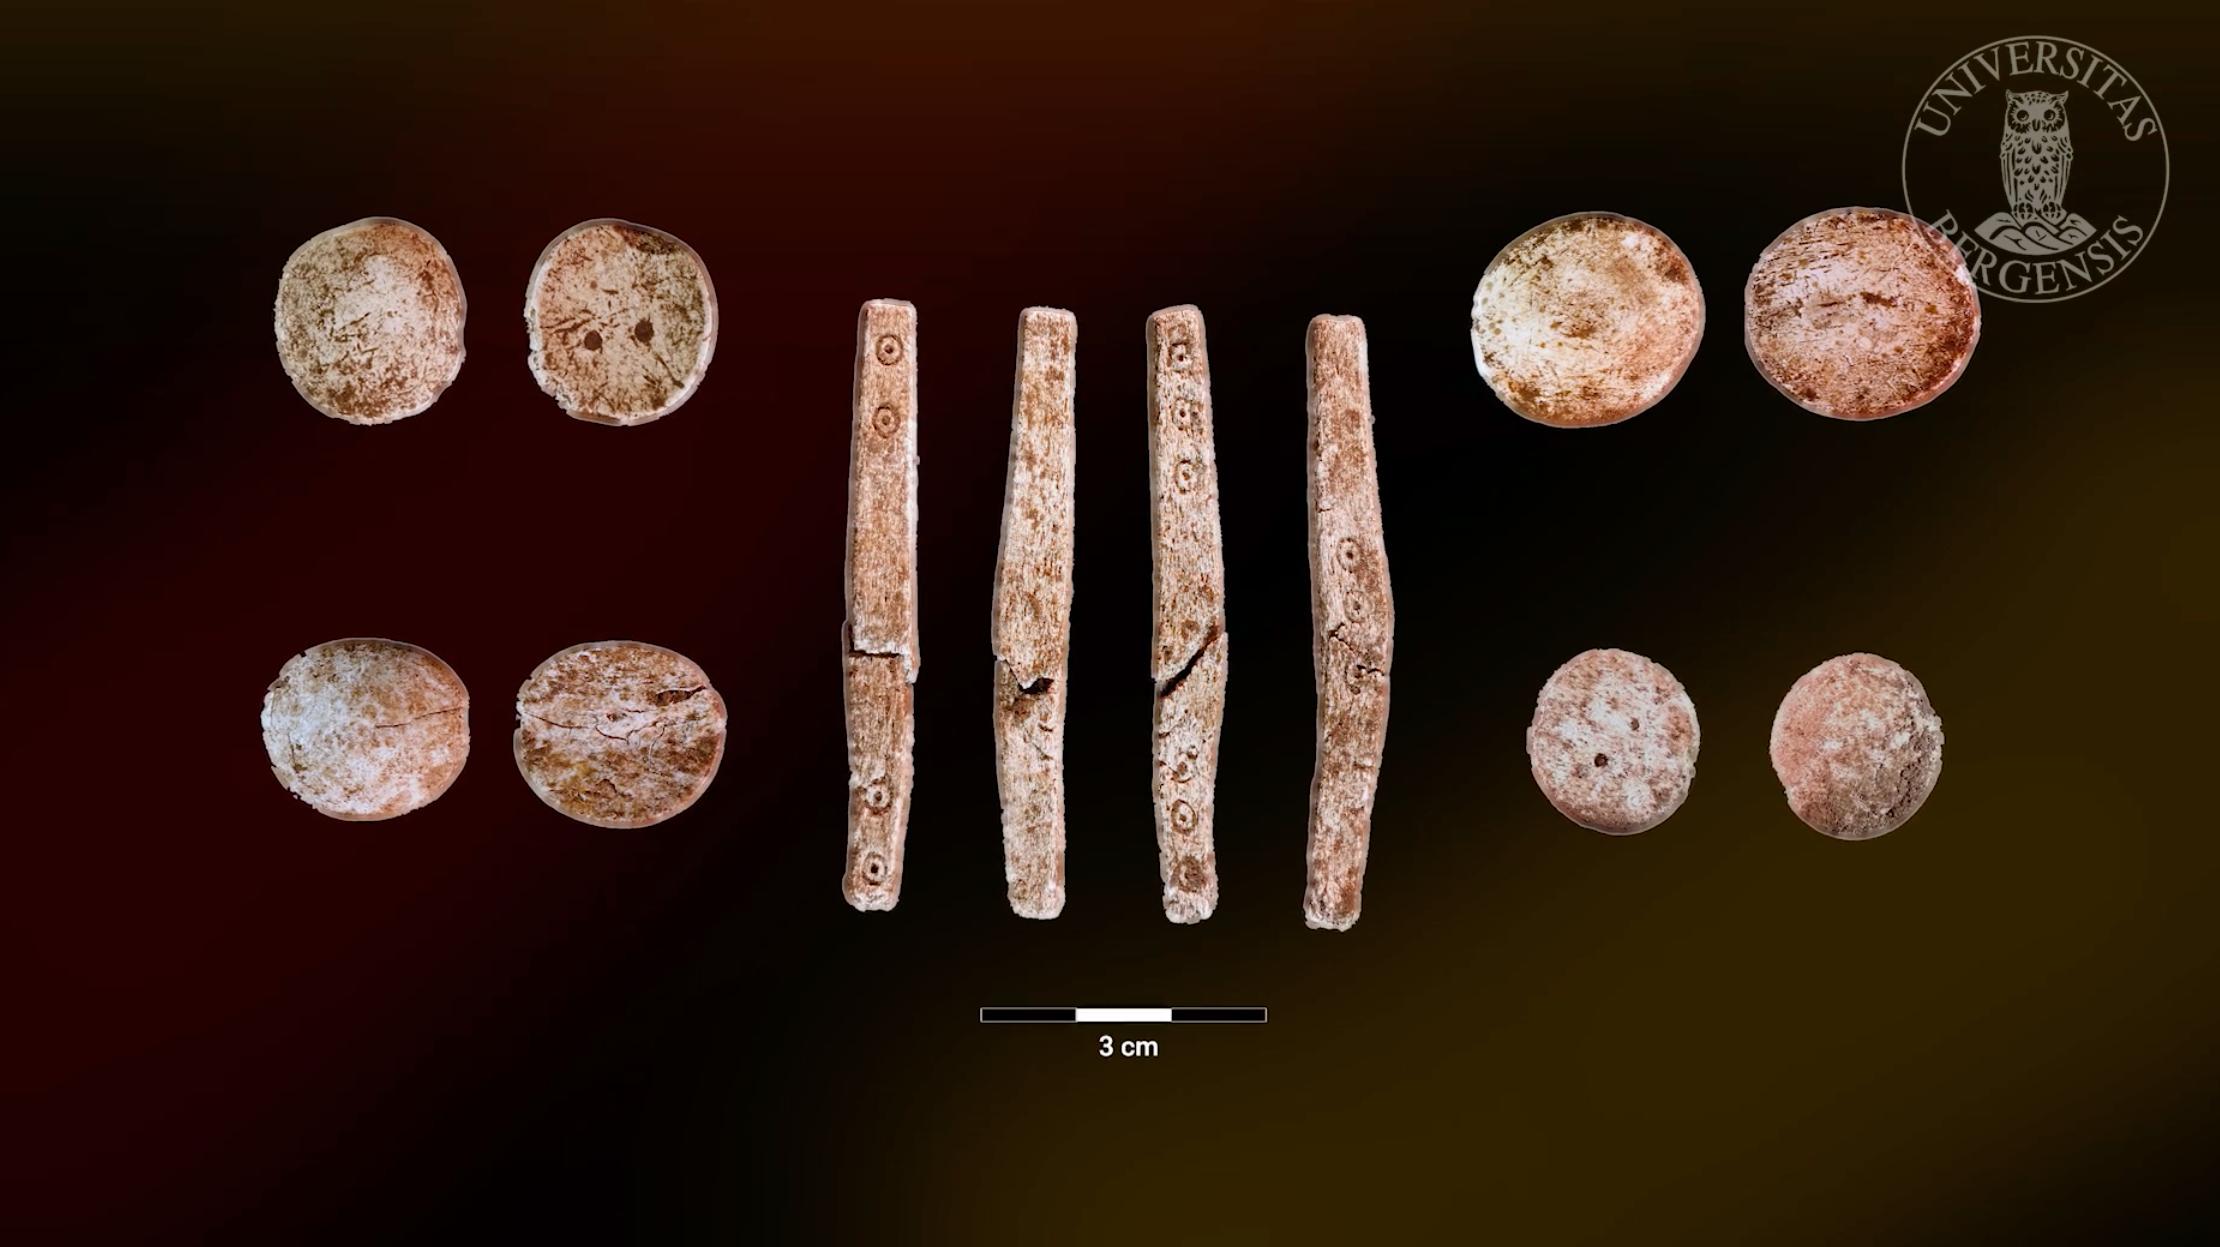 ВНорвегии нашли фрагменты настольной игры 1700-летней давности